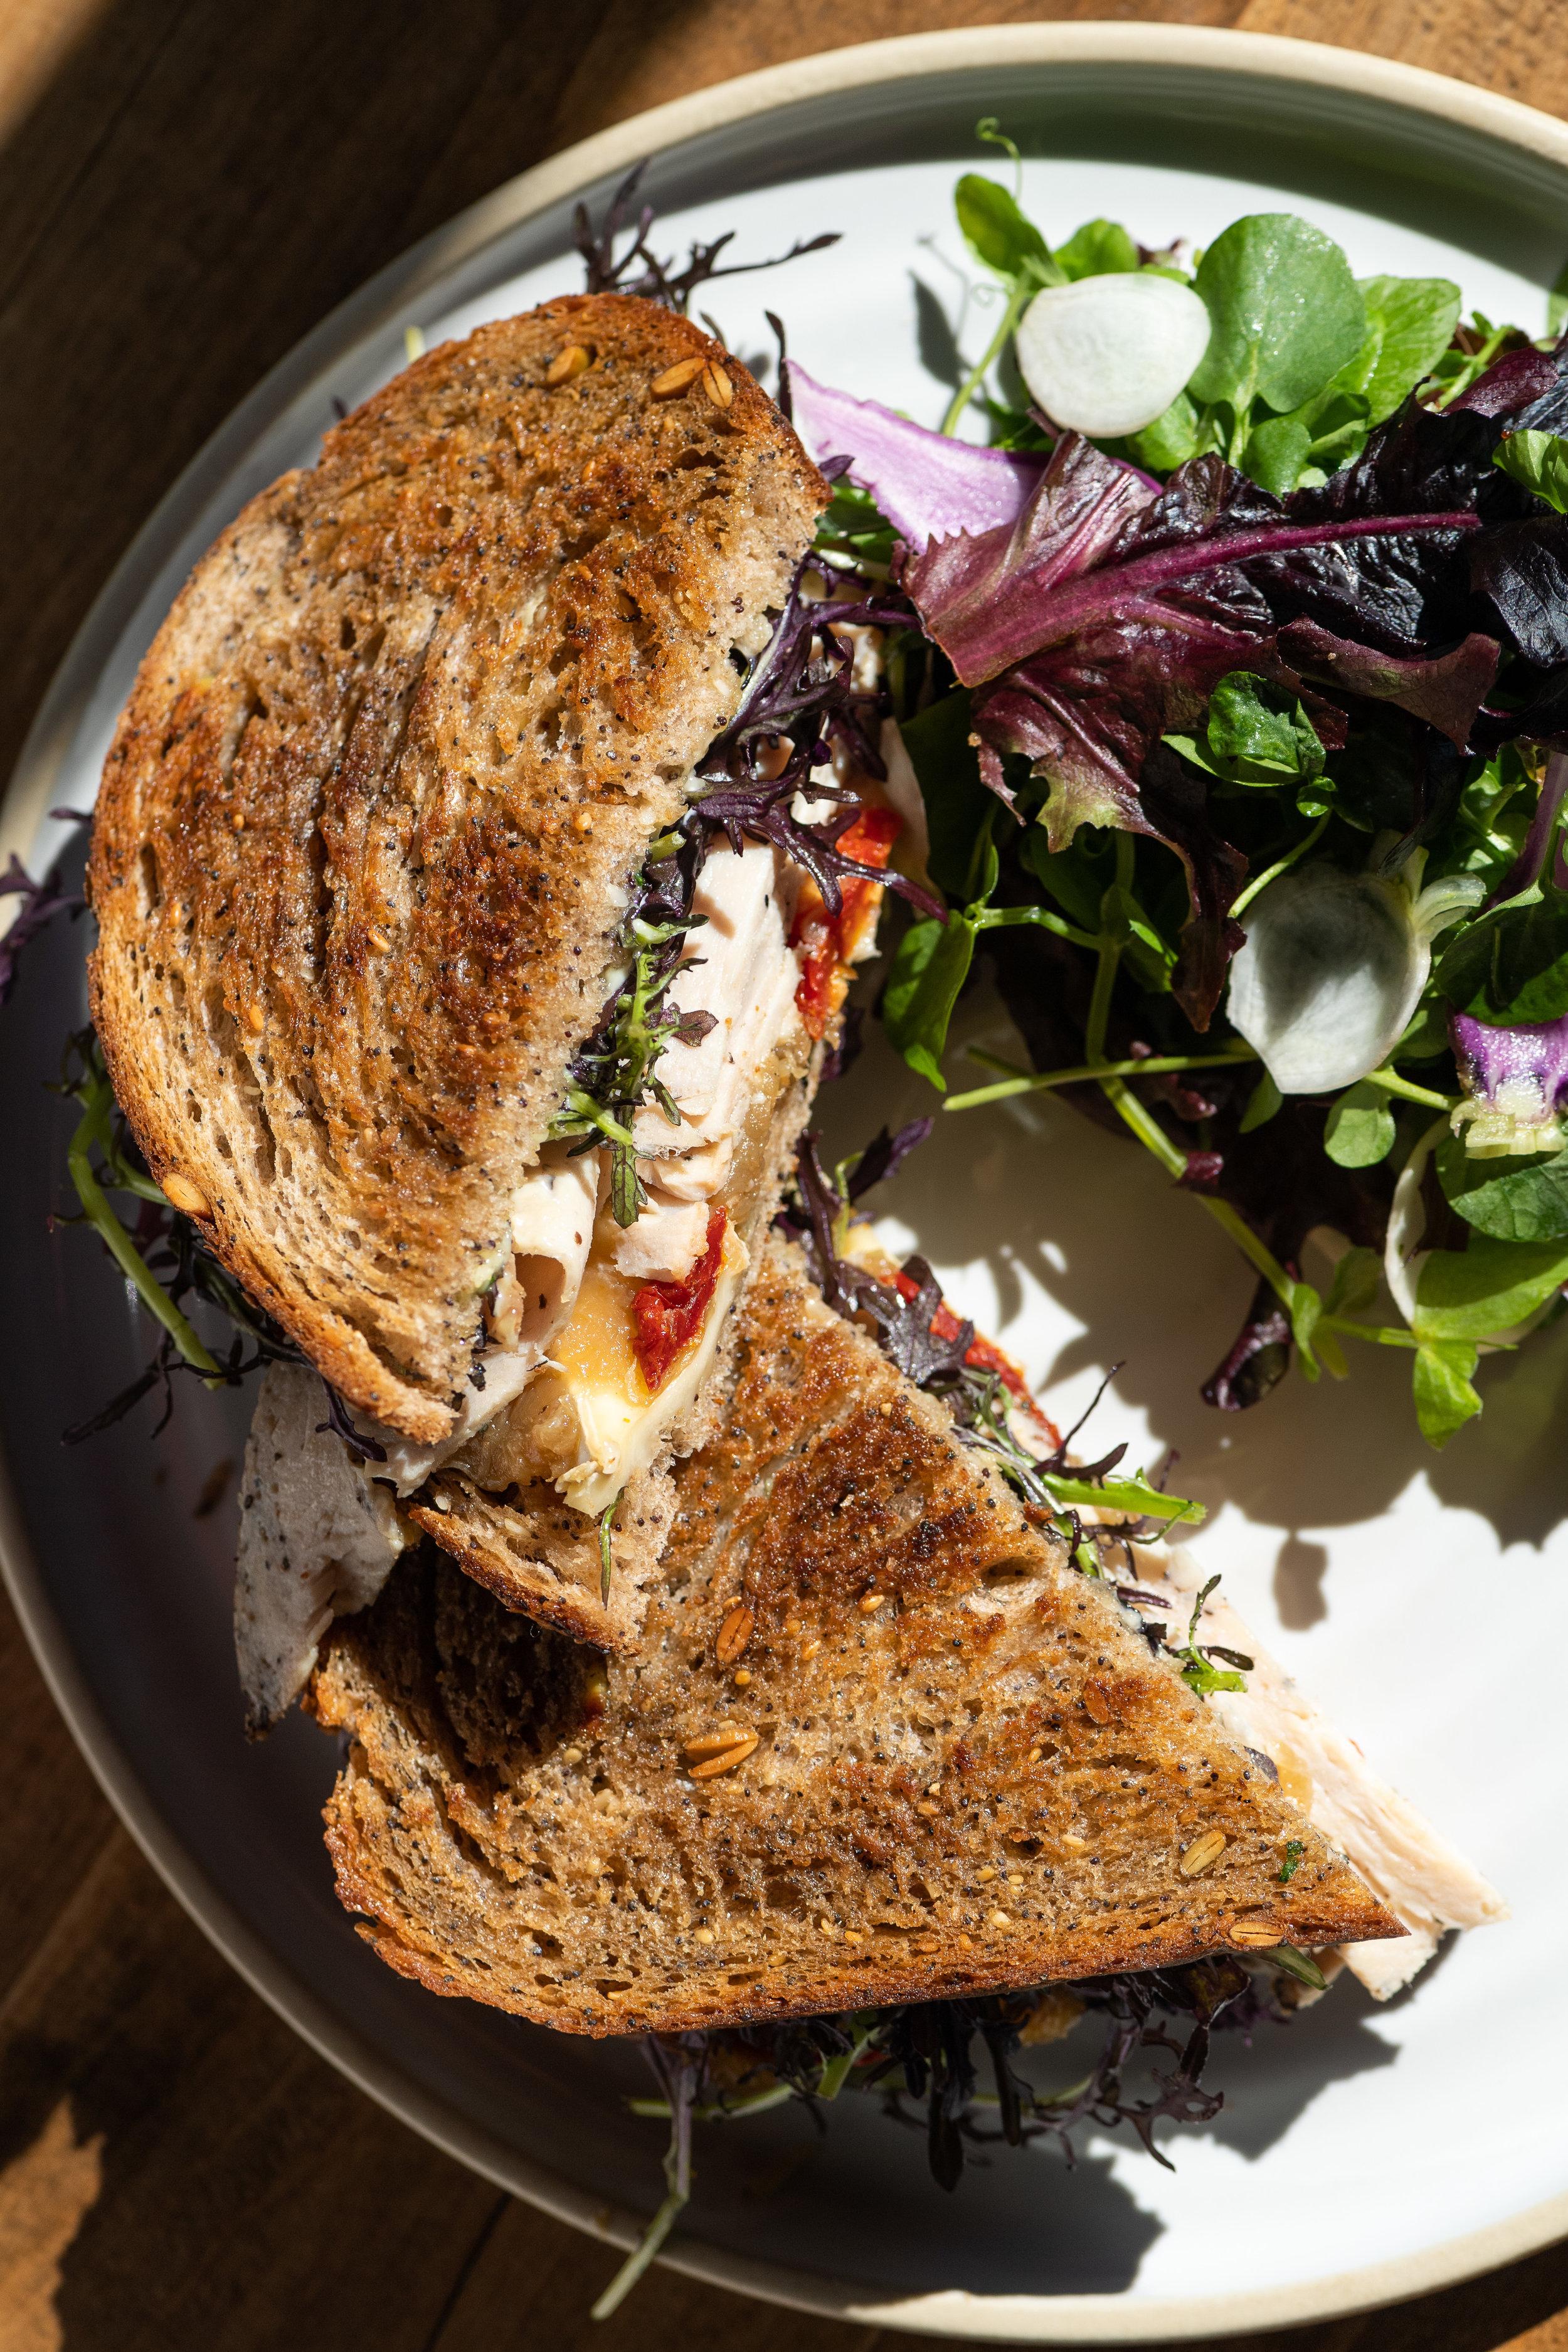 TruffledTurkey Sandwich